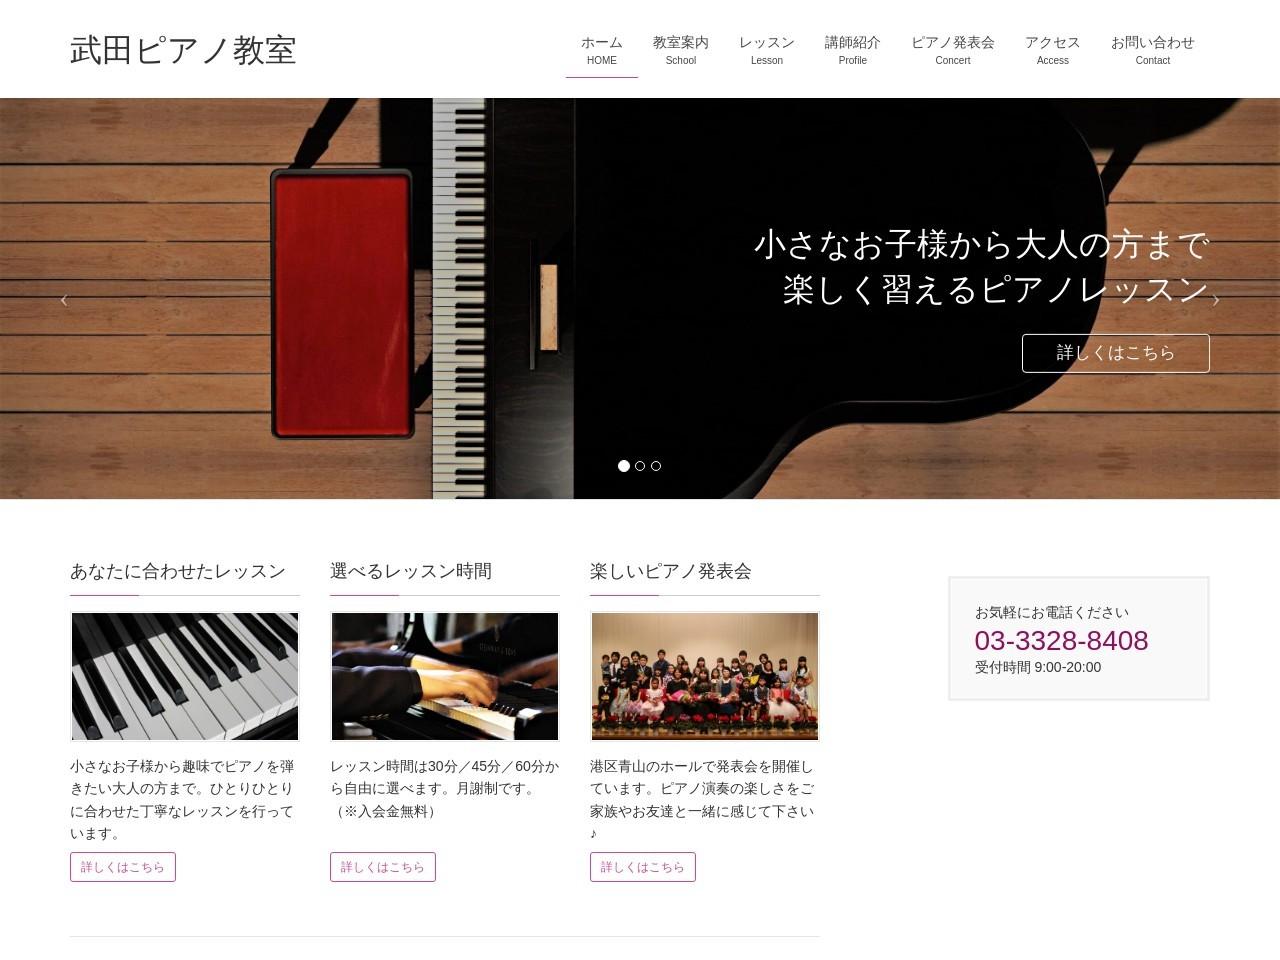 武田ピアノ教室のサムネイル